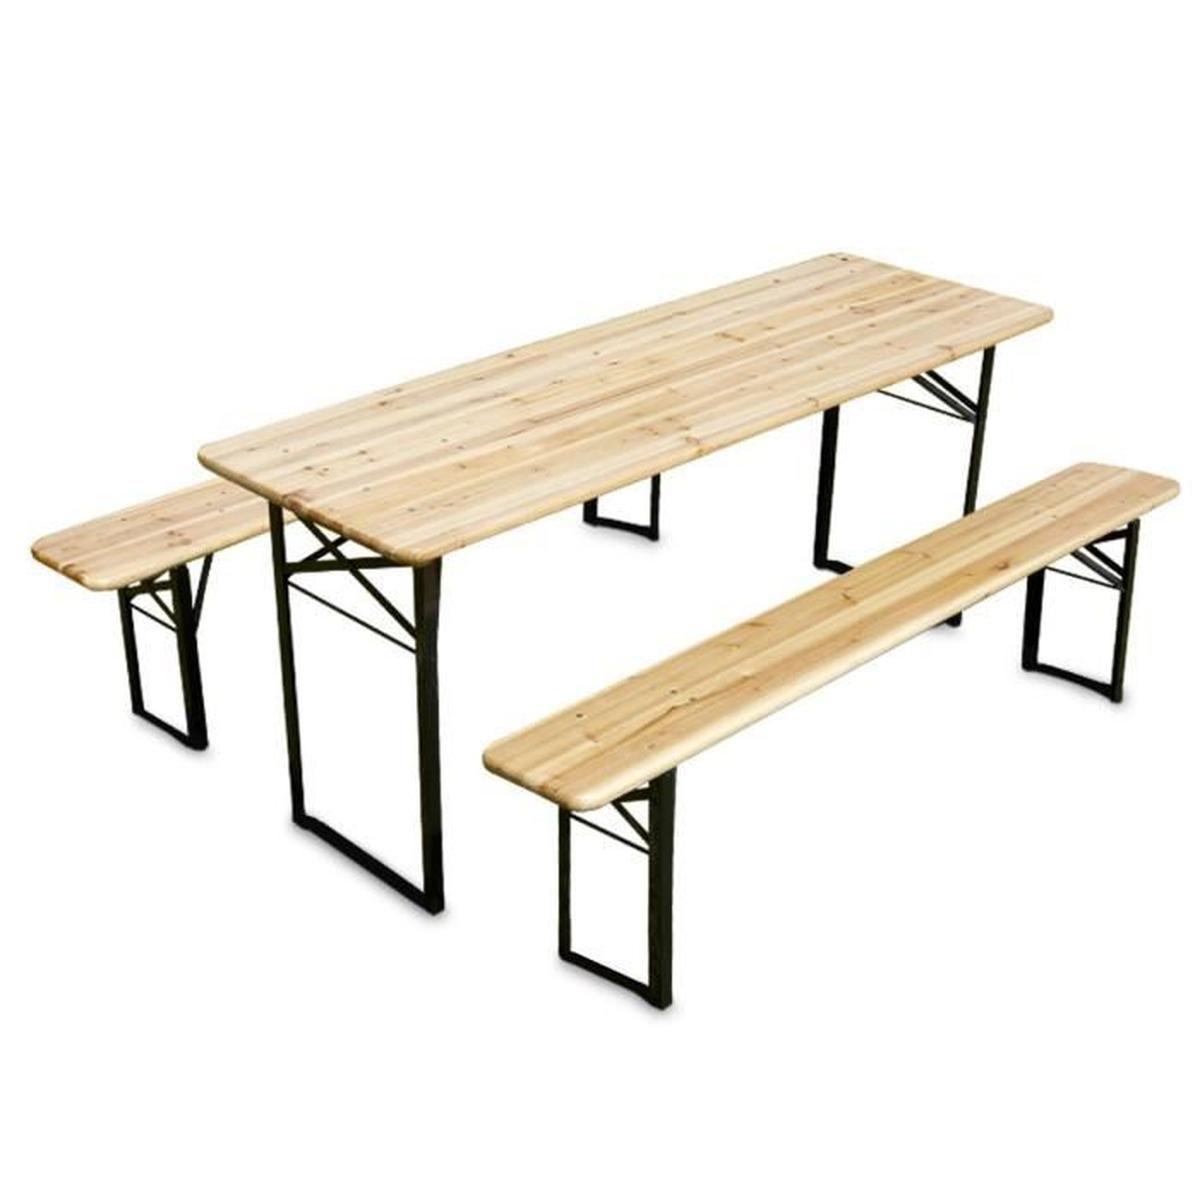 Table En Bois Avec Banc concernant Table De Jardin En Bois Avec Banc Integre